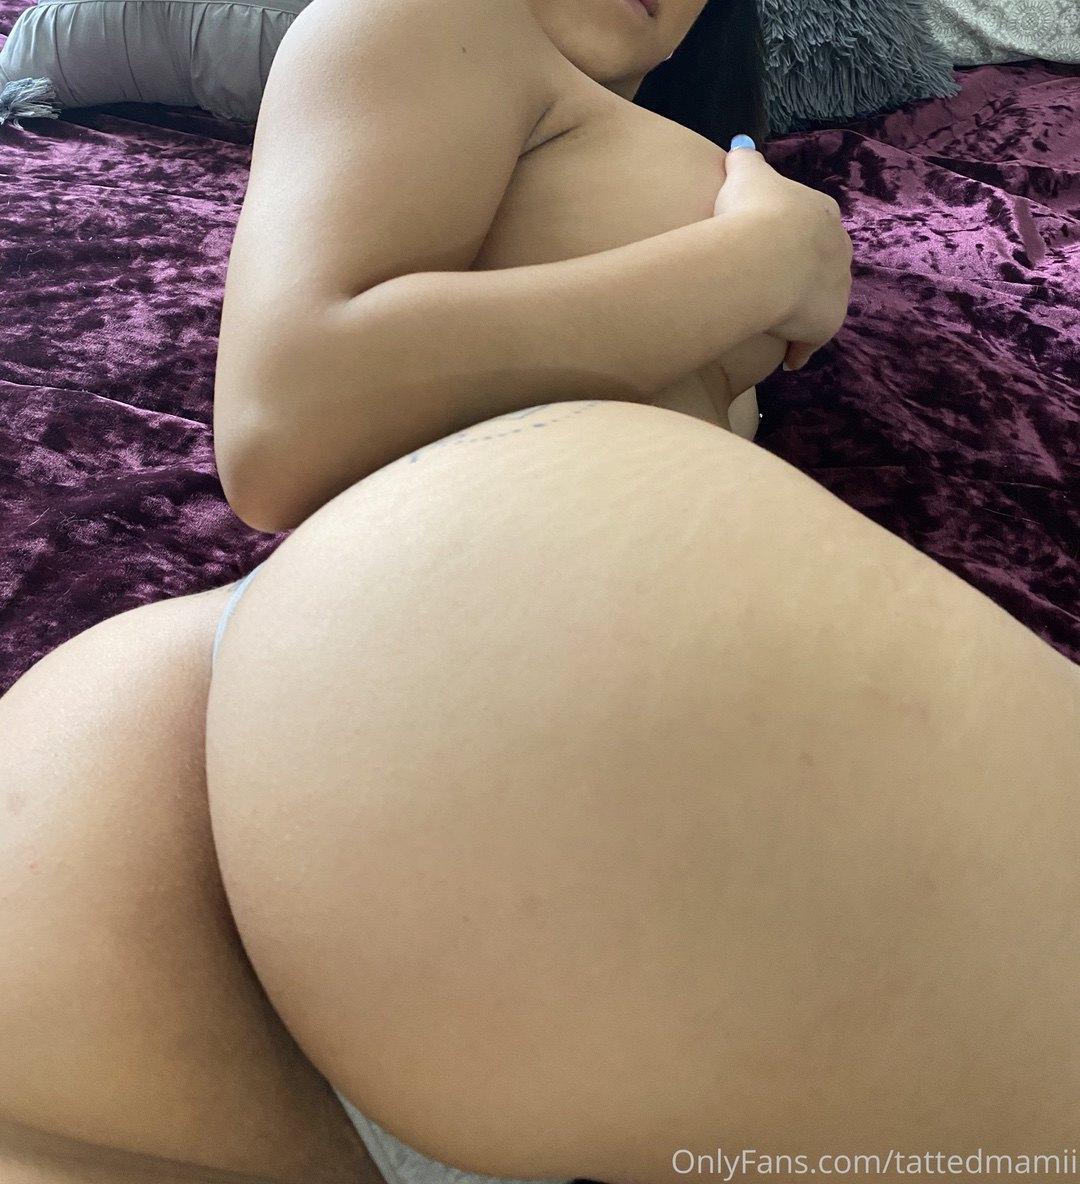 Tattedmammii Onlyfans Nudes Leaks 0003